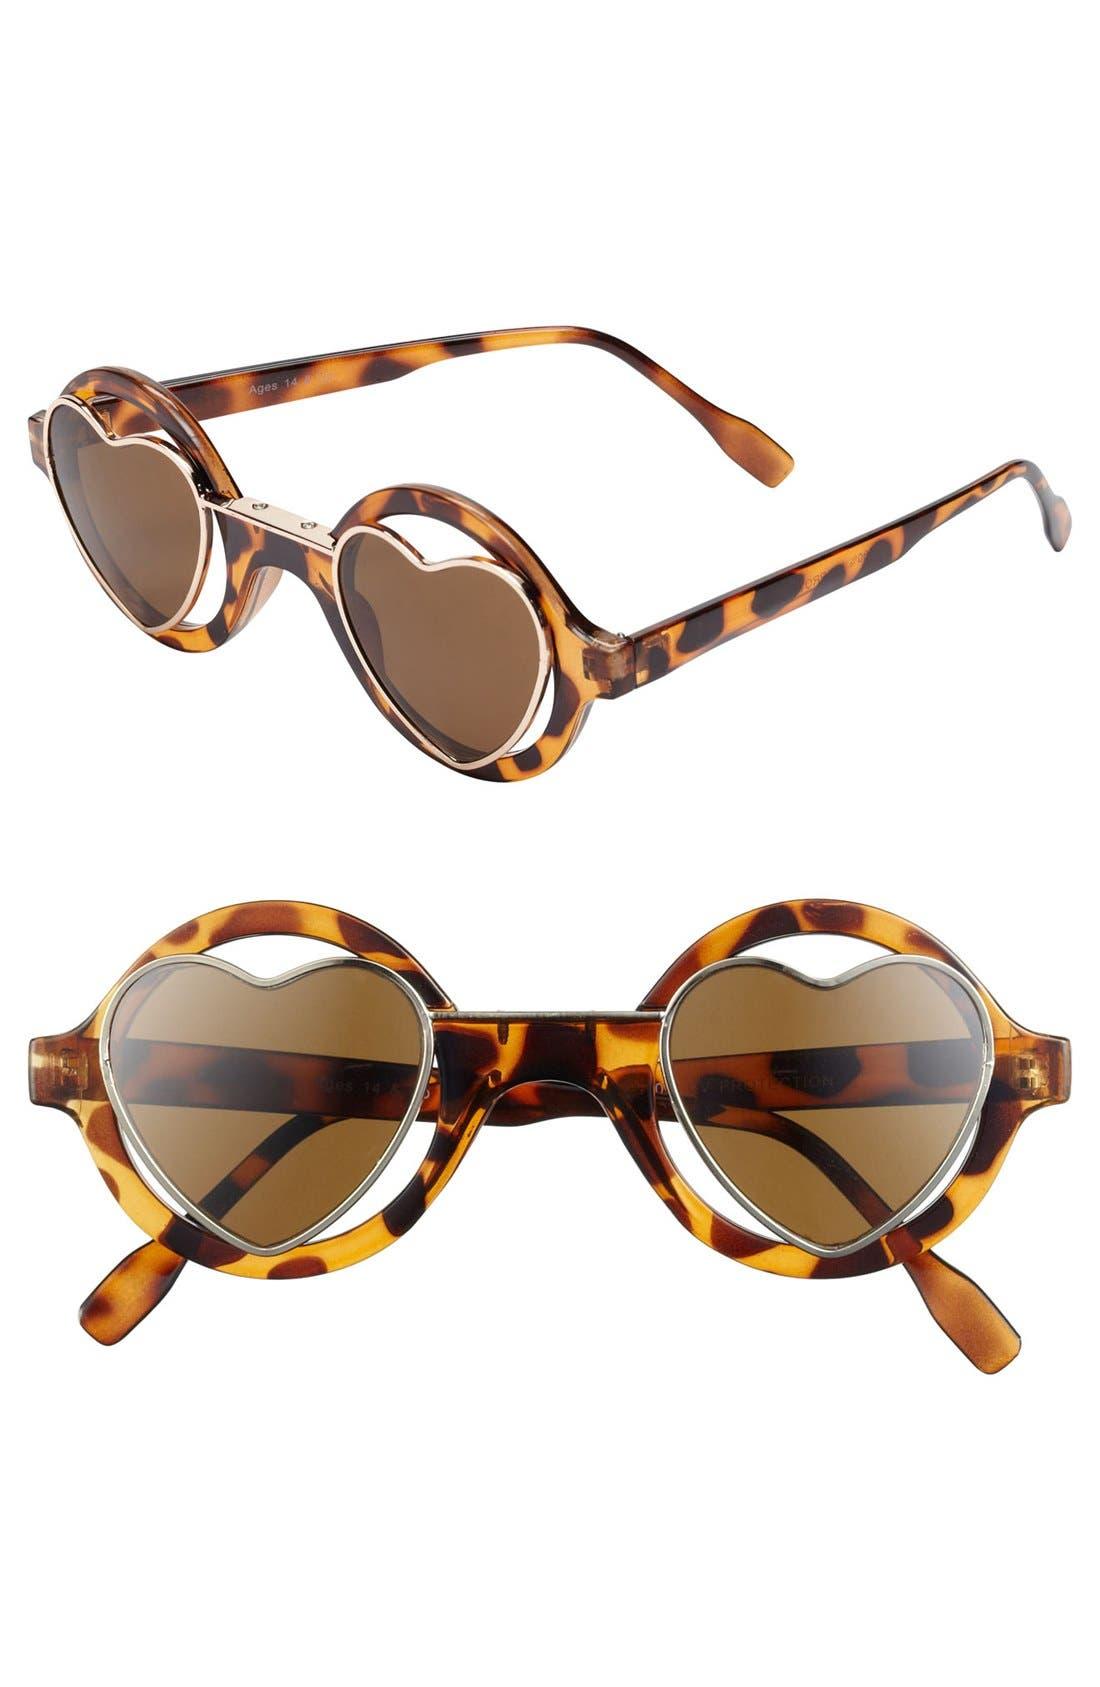 Alternate Image 1 Selected - FE NY 'Inner Sanctum' Sunglasses